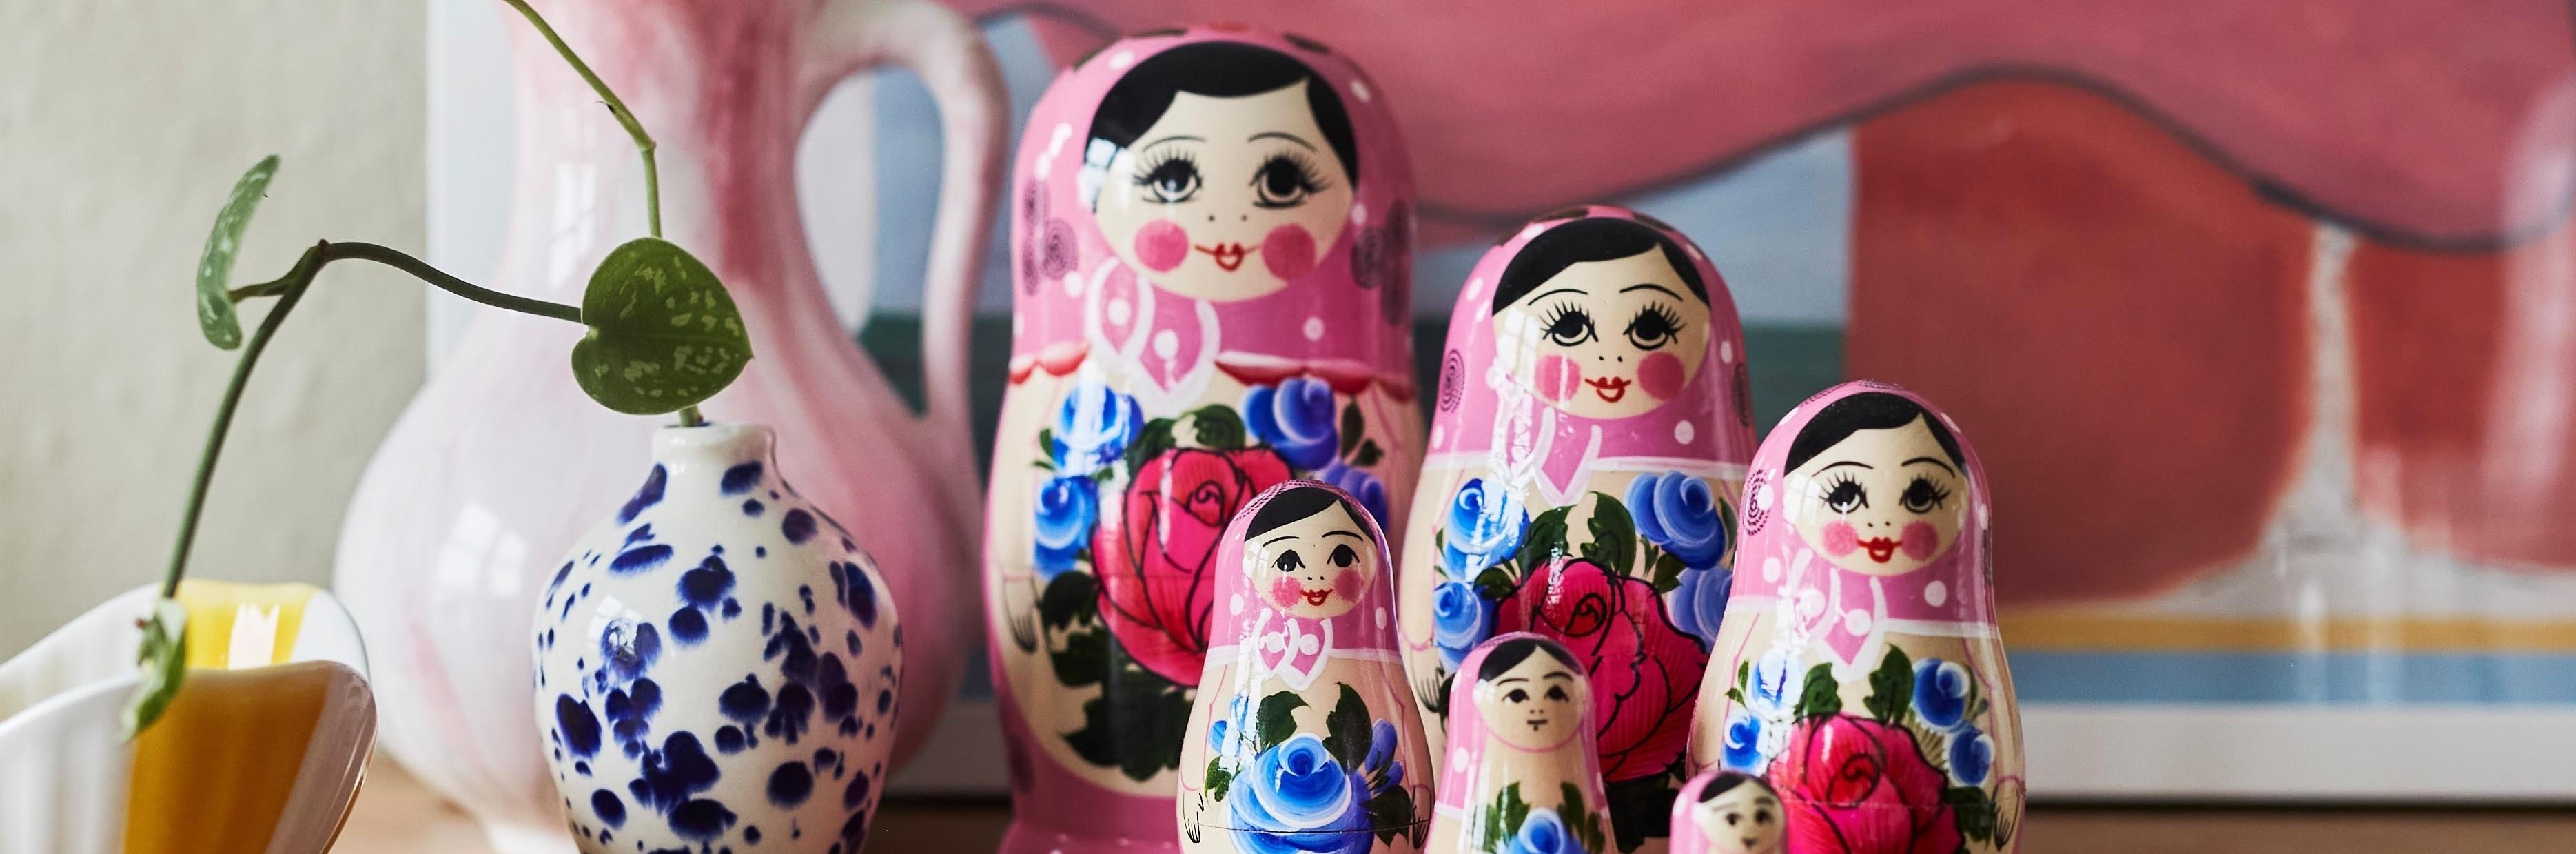 Kulørte Babushka dukker